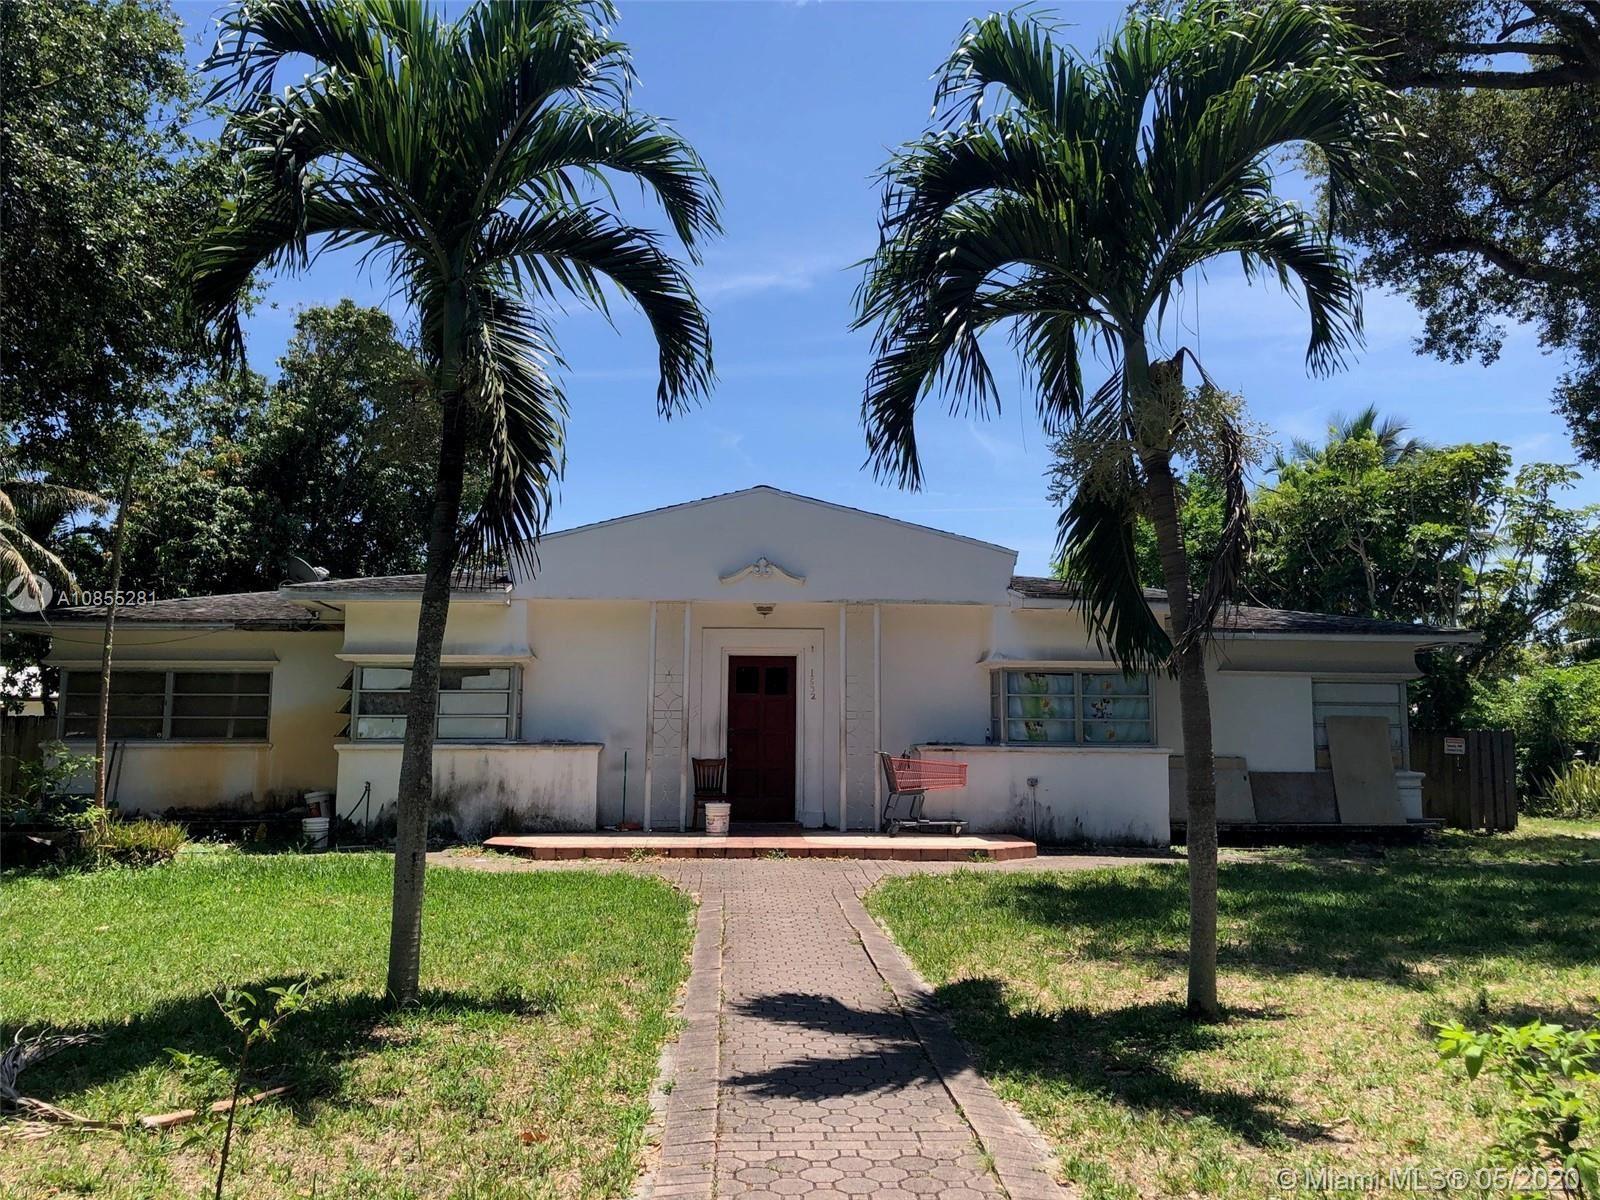 1532 NE 144th St, Miami, FL 33161 - #: A10855281